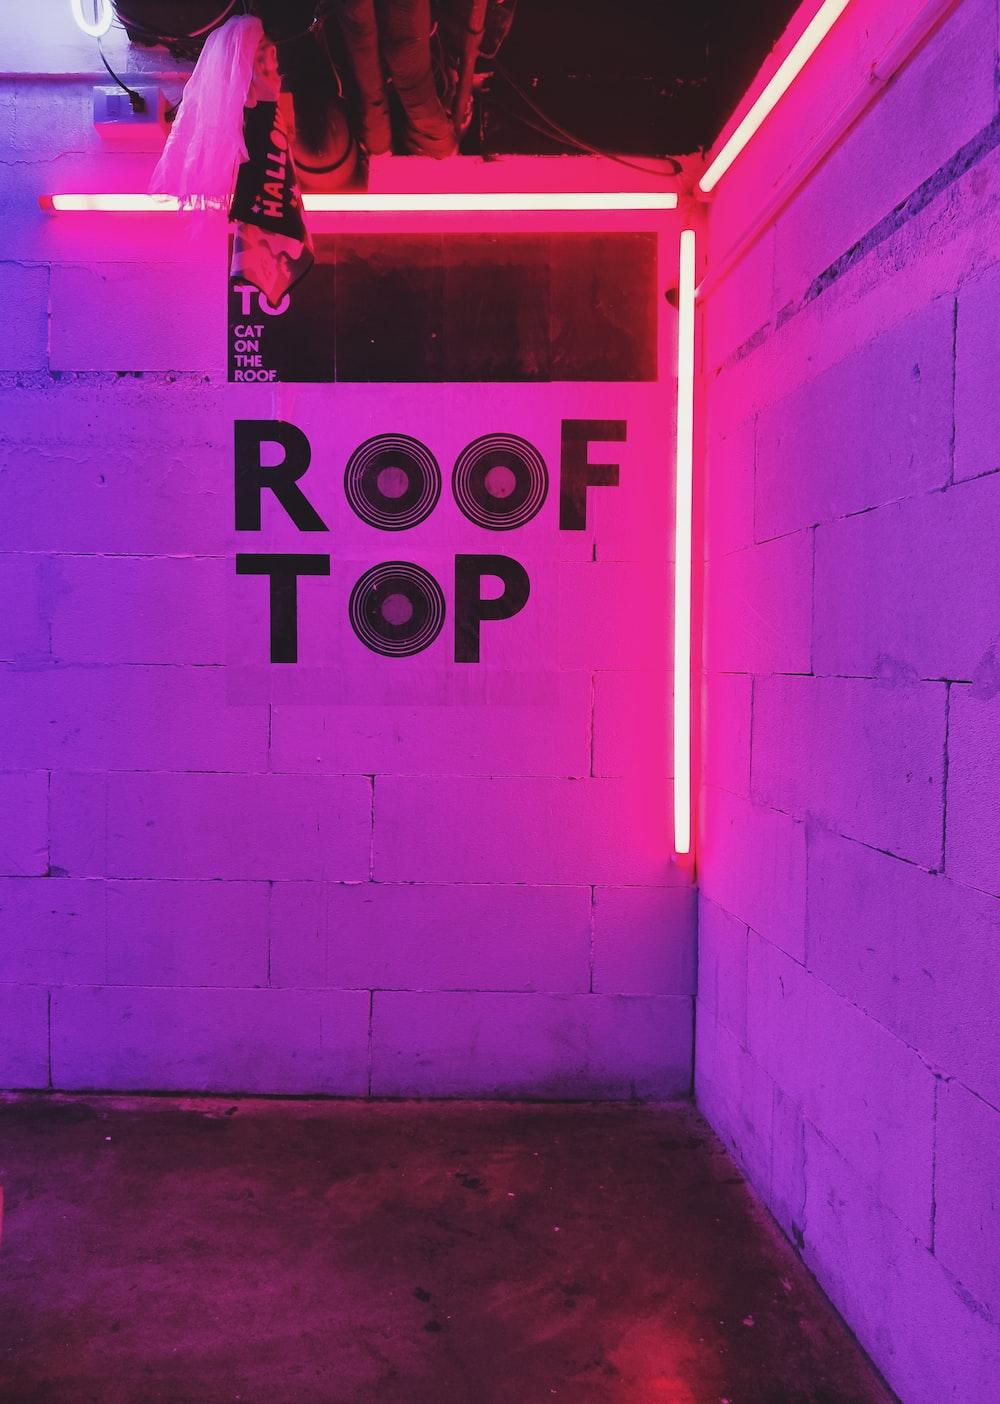 Roof Top wallpaper